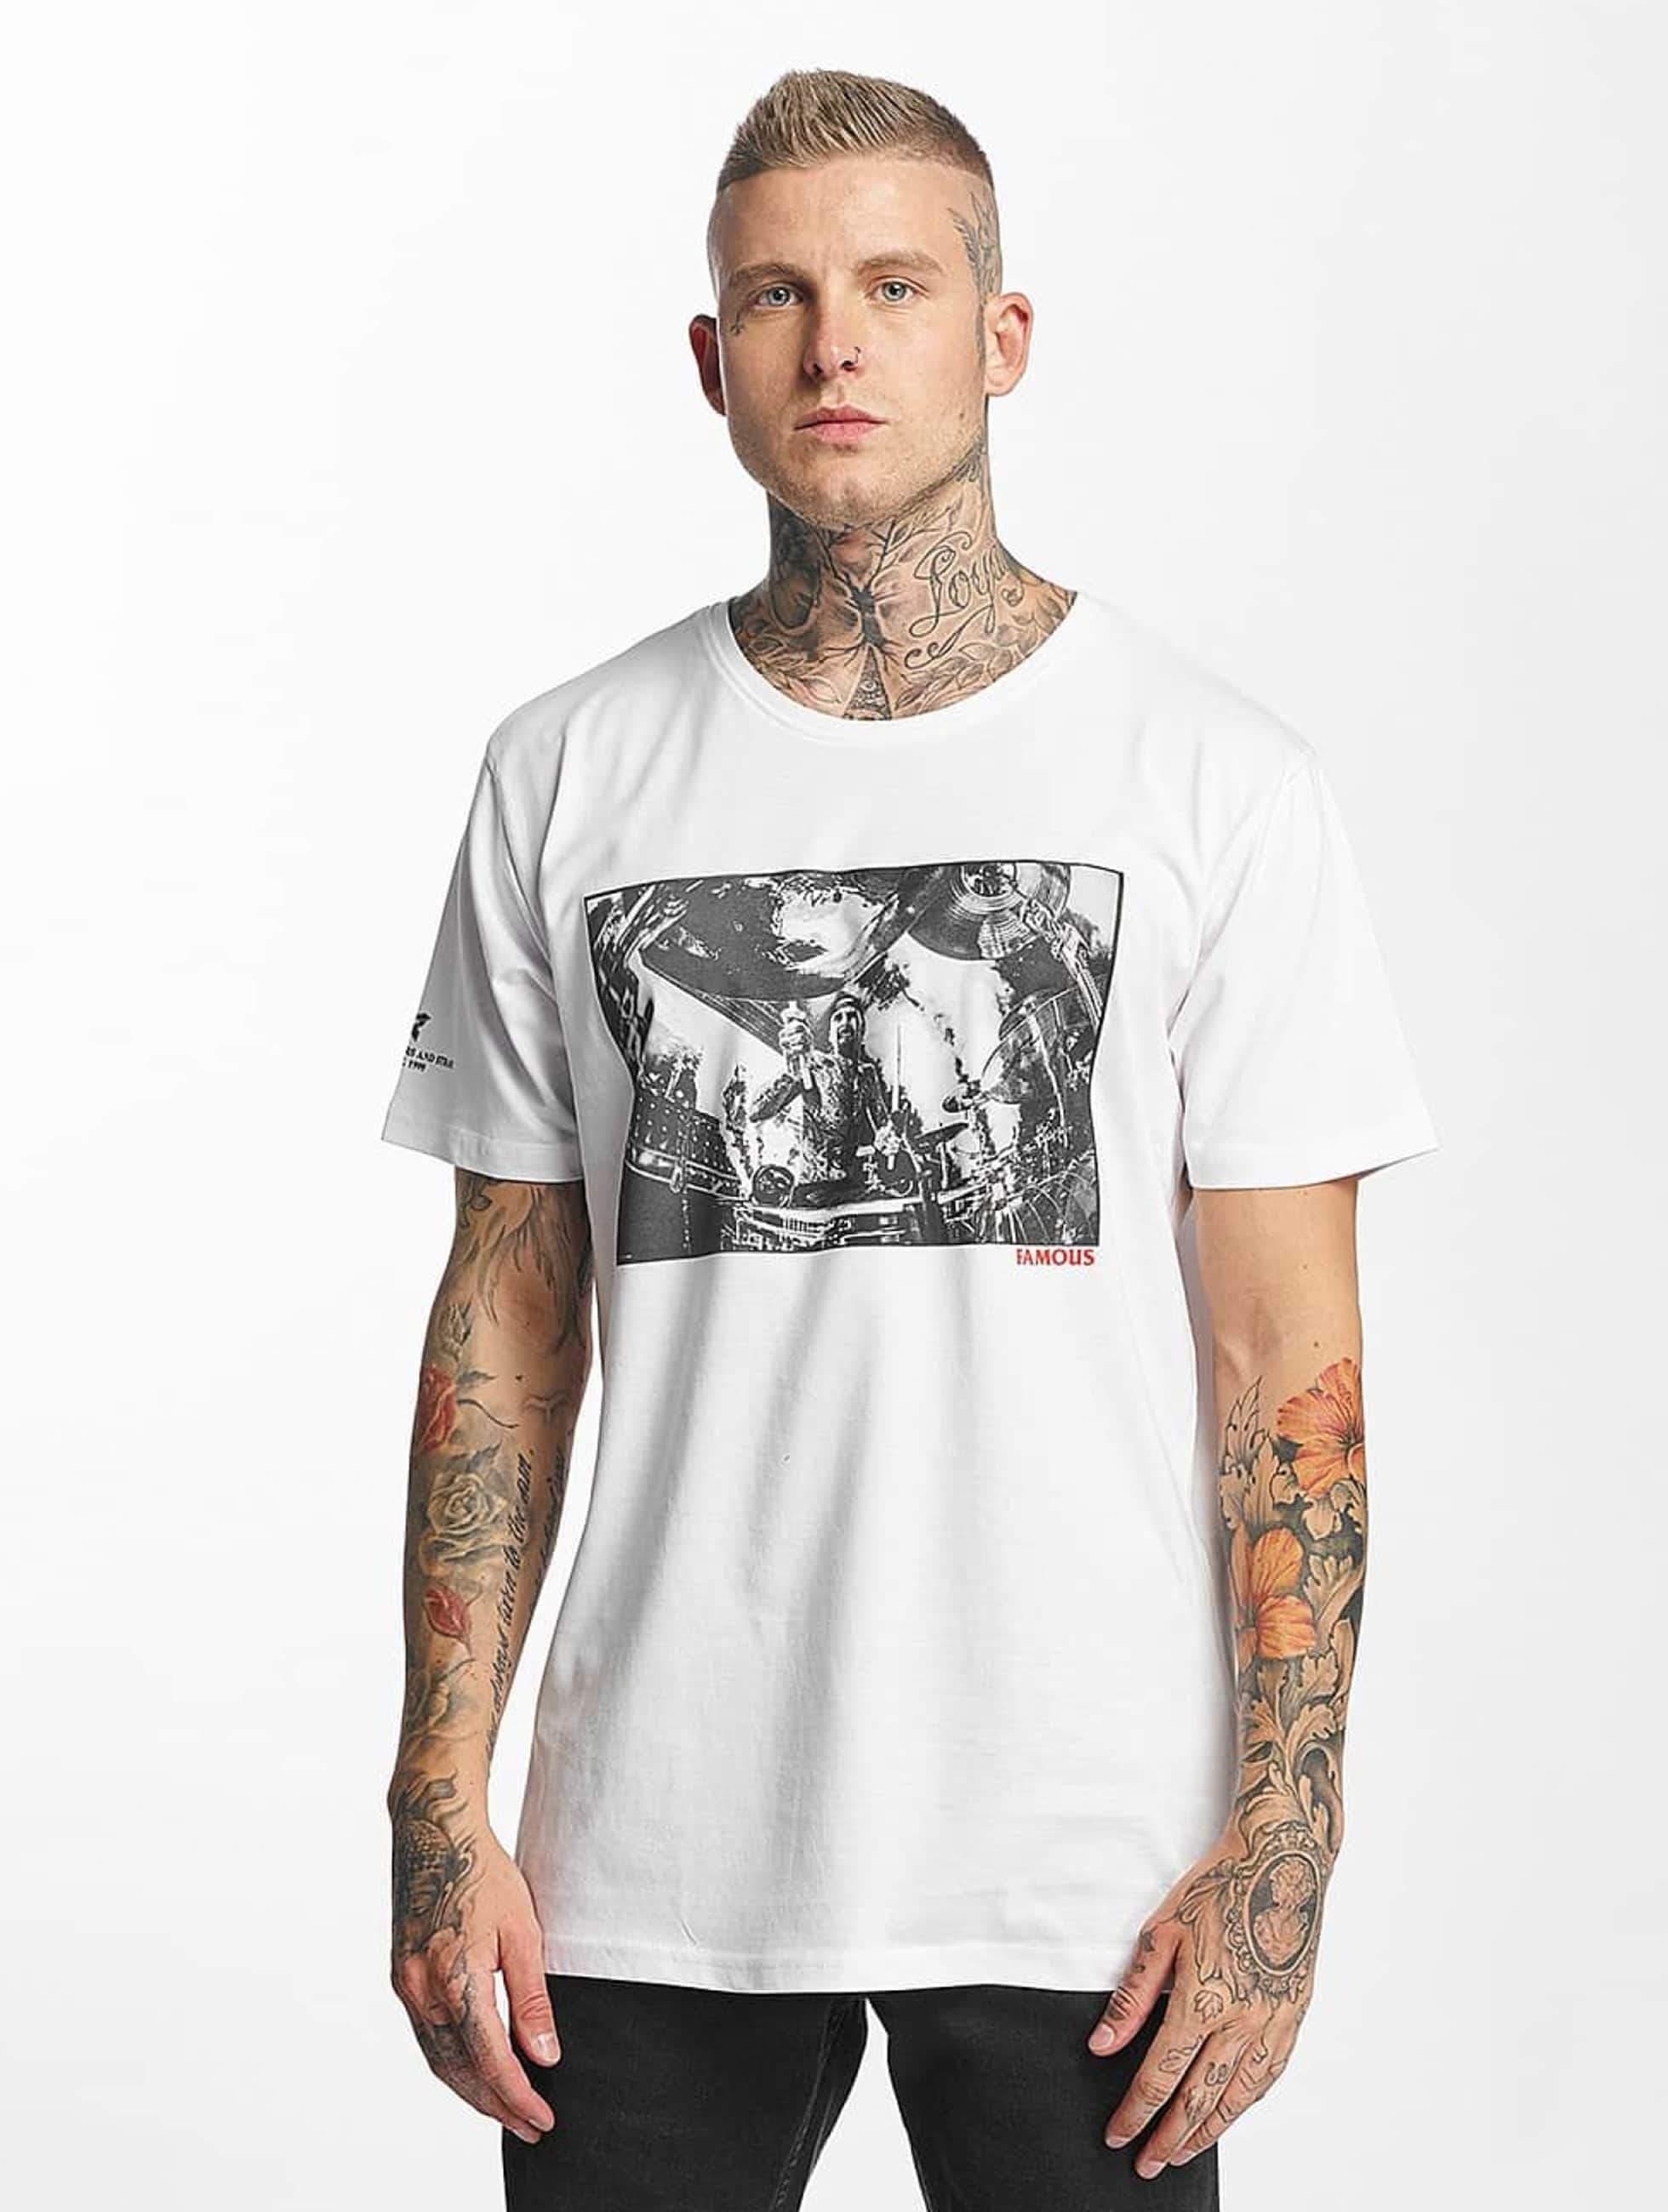 Bild von Famous Stars and Straps Männer T-Shirt Drums Drums Drums in weiß